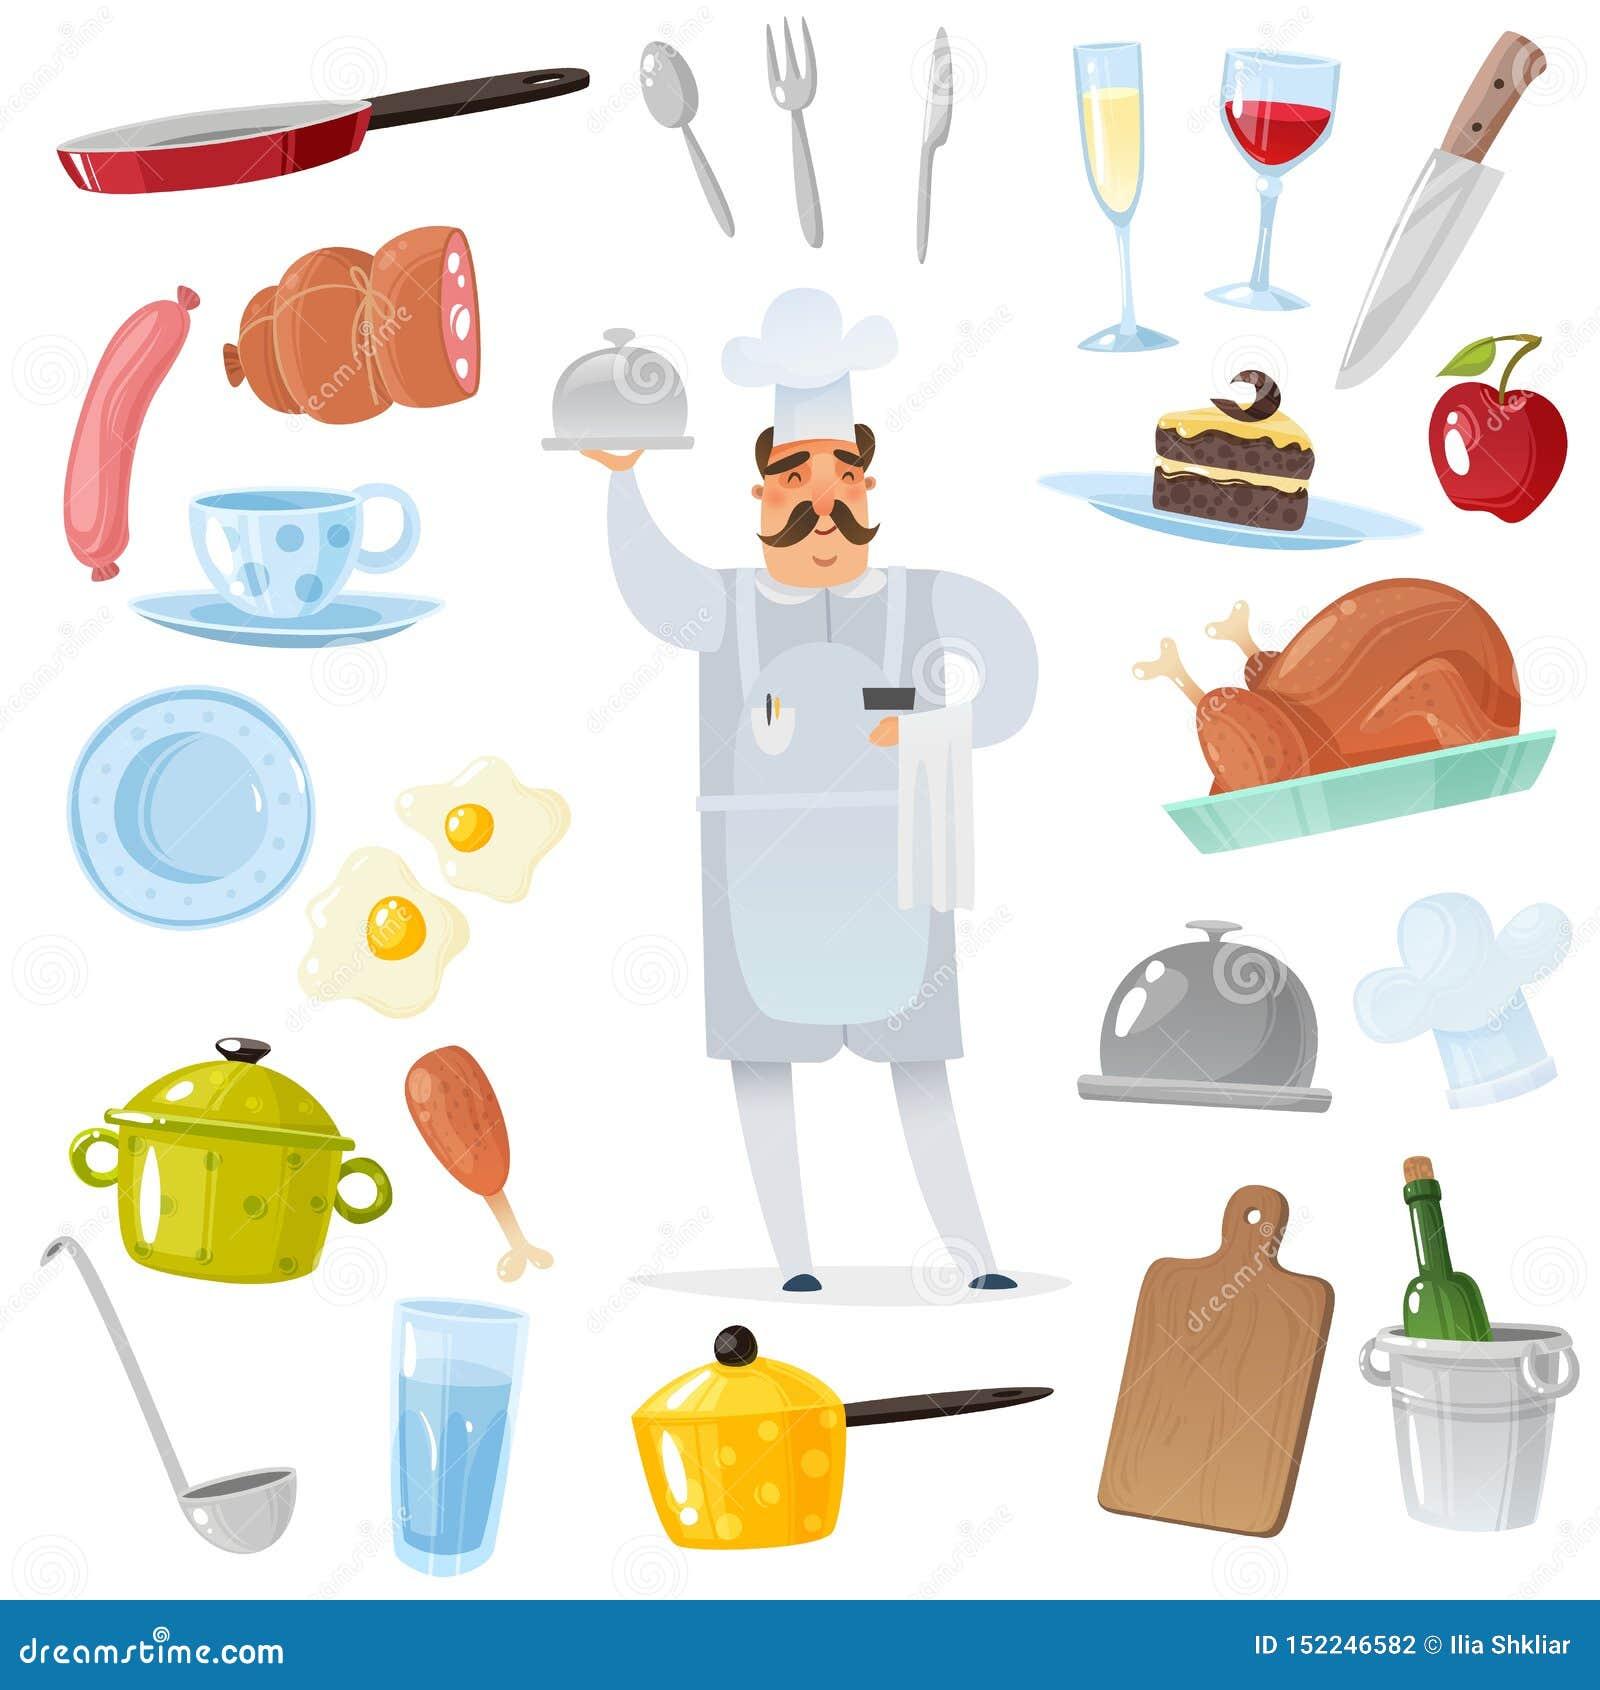 Набор аксессуаров шеф-повара мультфильма шеф-повар окруженный аксессуарами кухни и ресторана для варить изолированные объекты в к